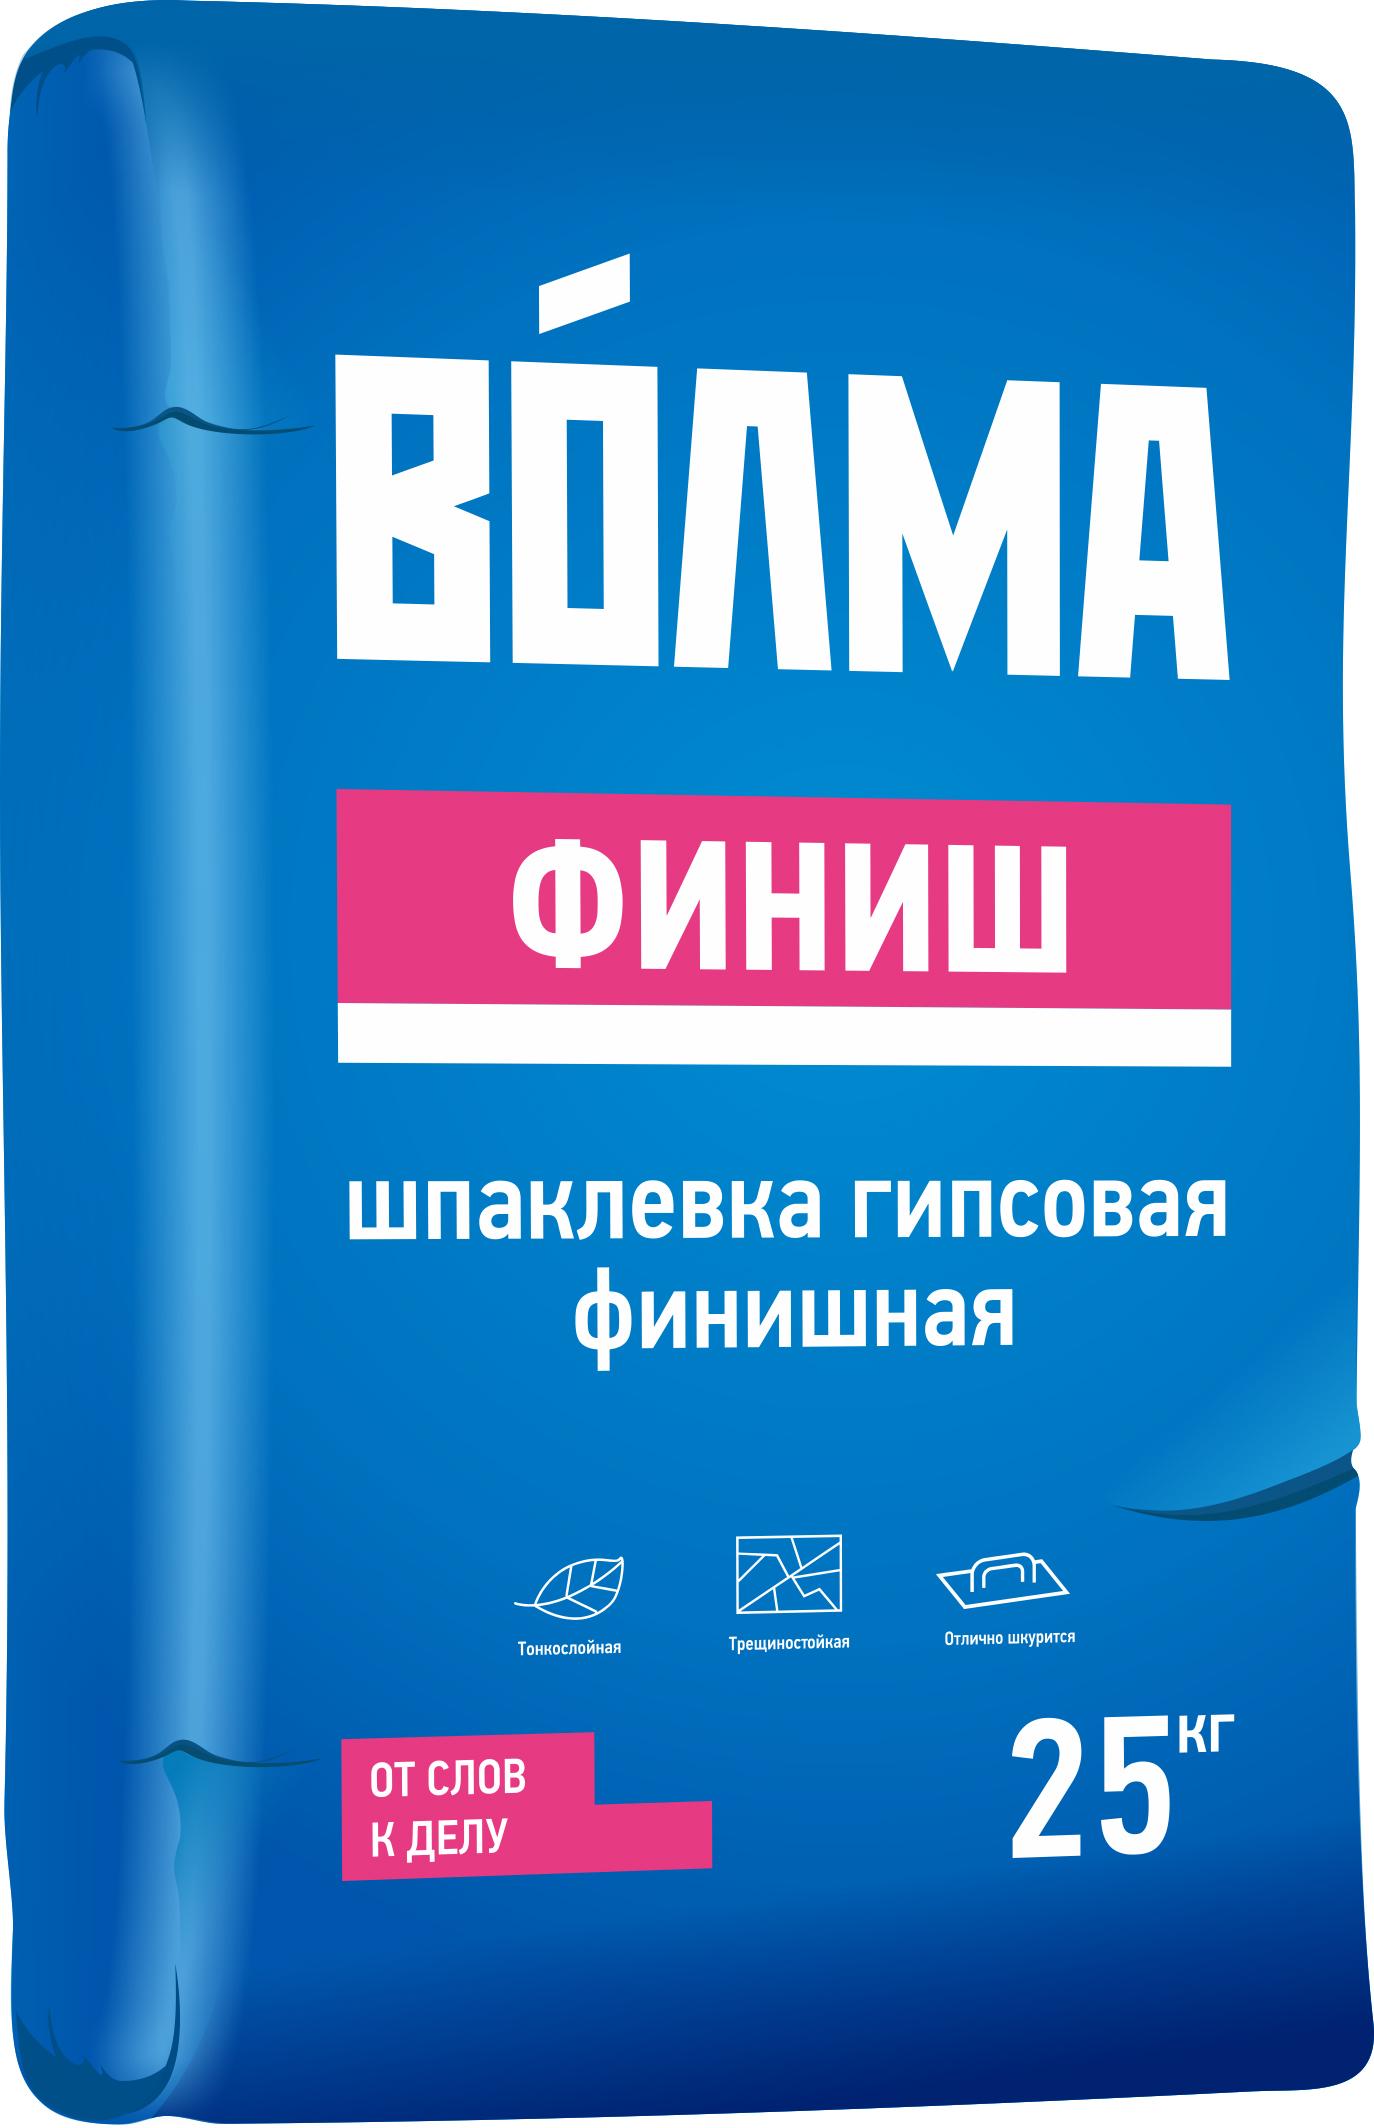 Купить Шпатлевка гипсовая финишная Волма Финиш (белая), 25 кг — Фото №1